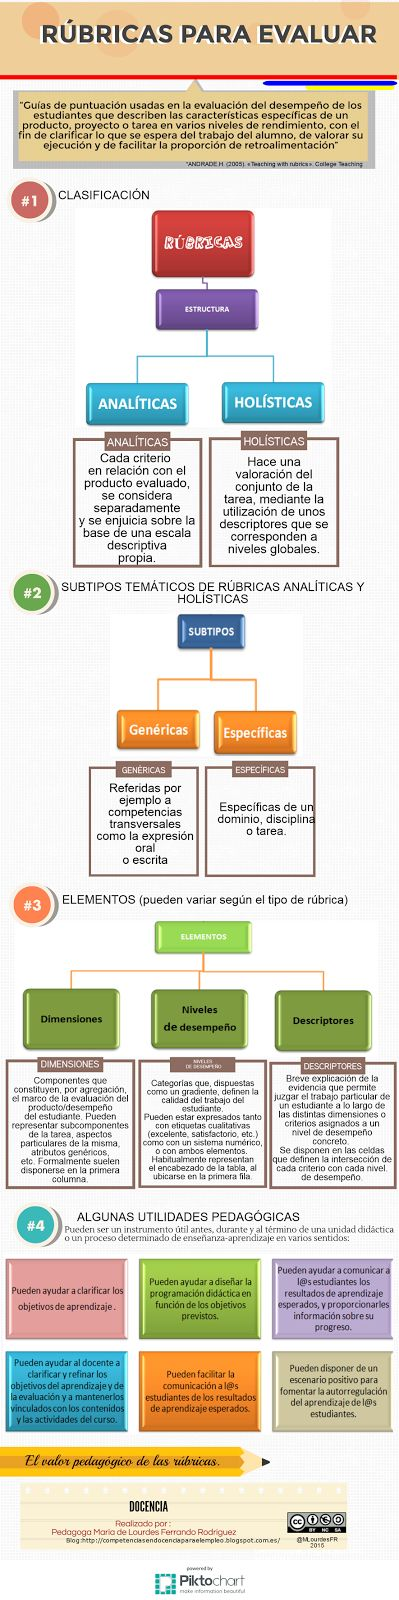 Rúbricas para evaluar y sus utilidades pedagógicas. Clasificación, subtipos y elementos que componen una rúbrica, por ejemplo: niveles de desempeño y descriptos. #rúbrica #rúbricas #rubric